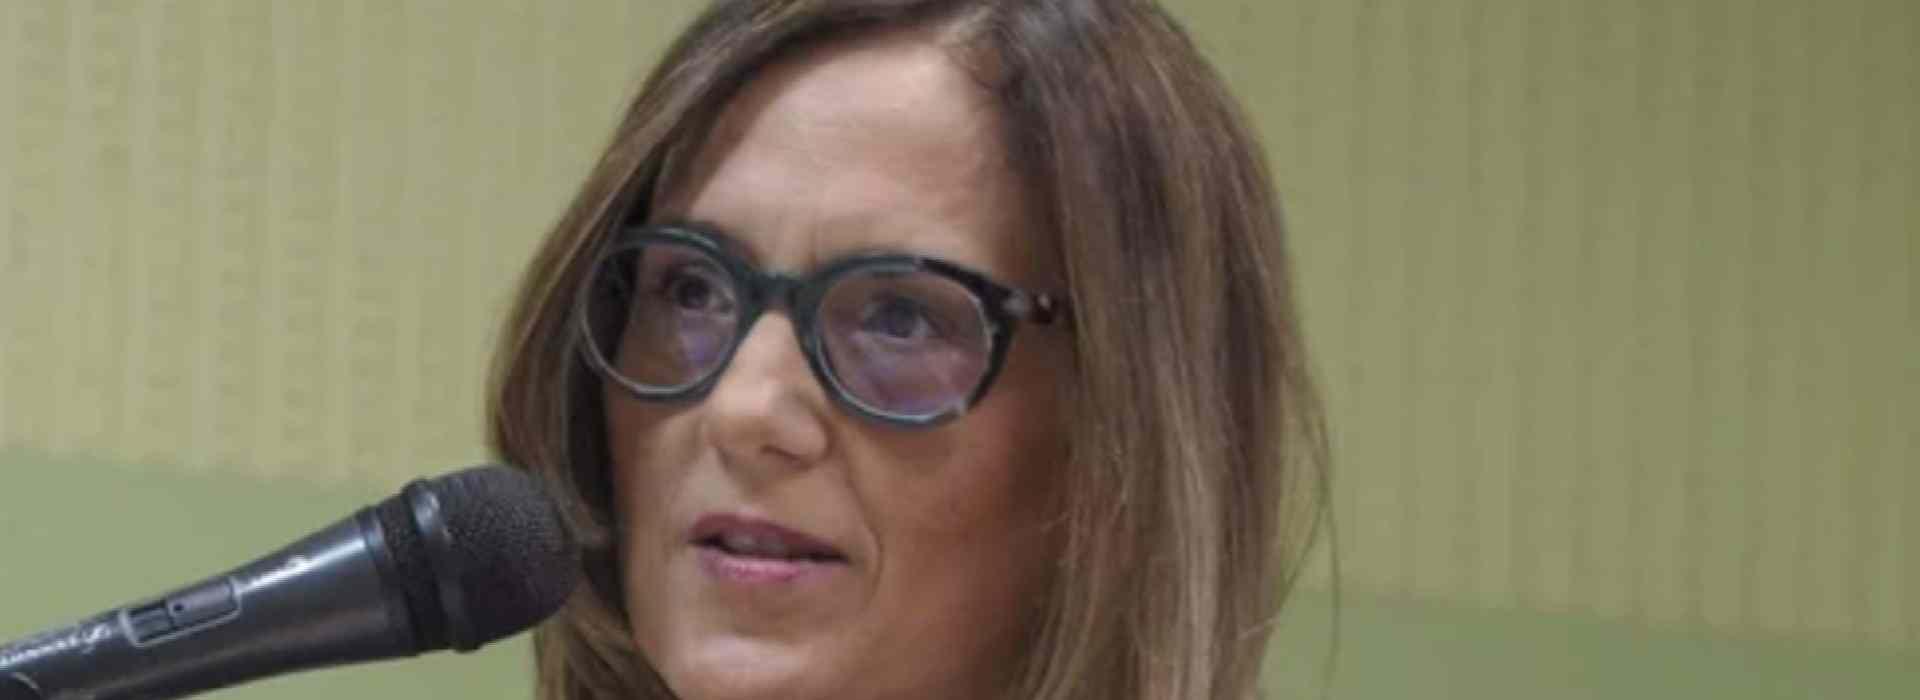 Sonia Pasini, il giudice finito nelle chat di Palamara: il Consiglio di Stato annulla la nomina